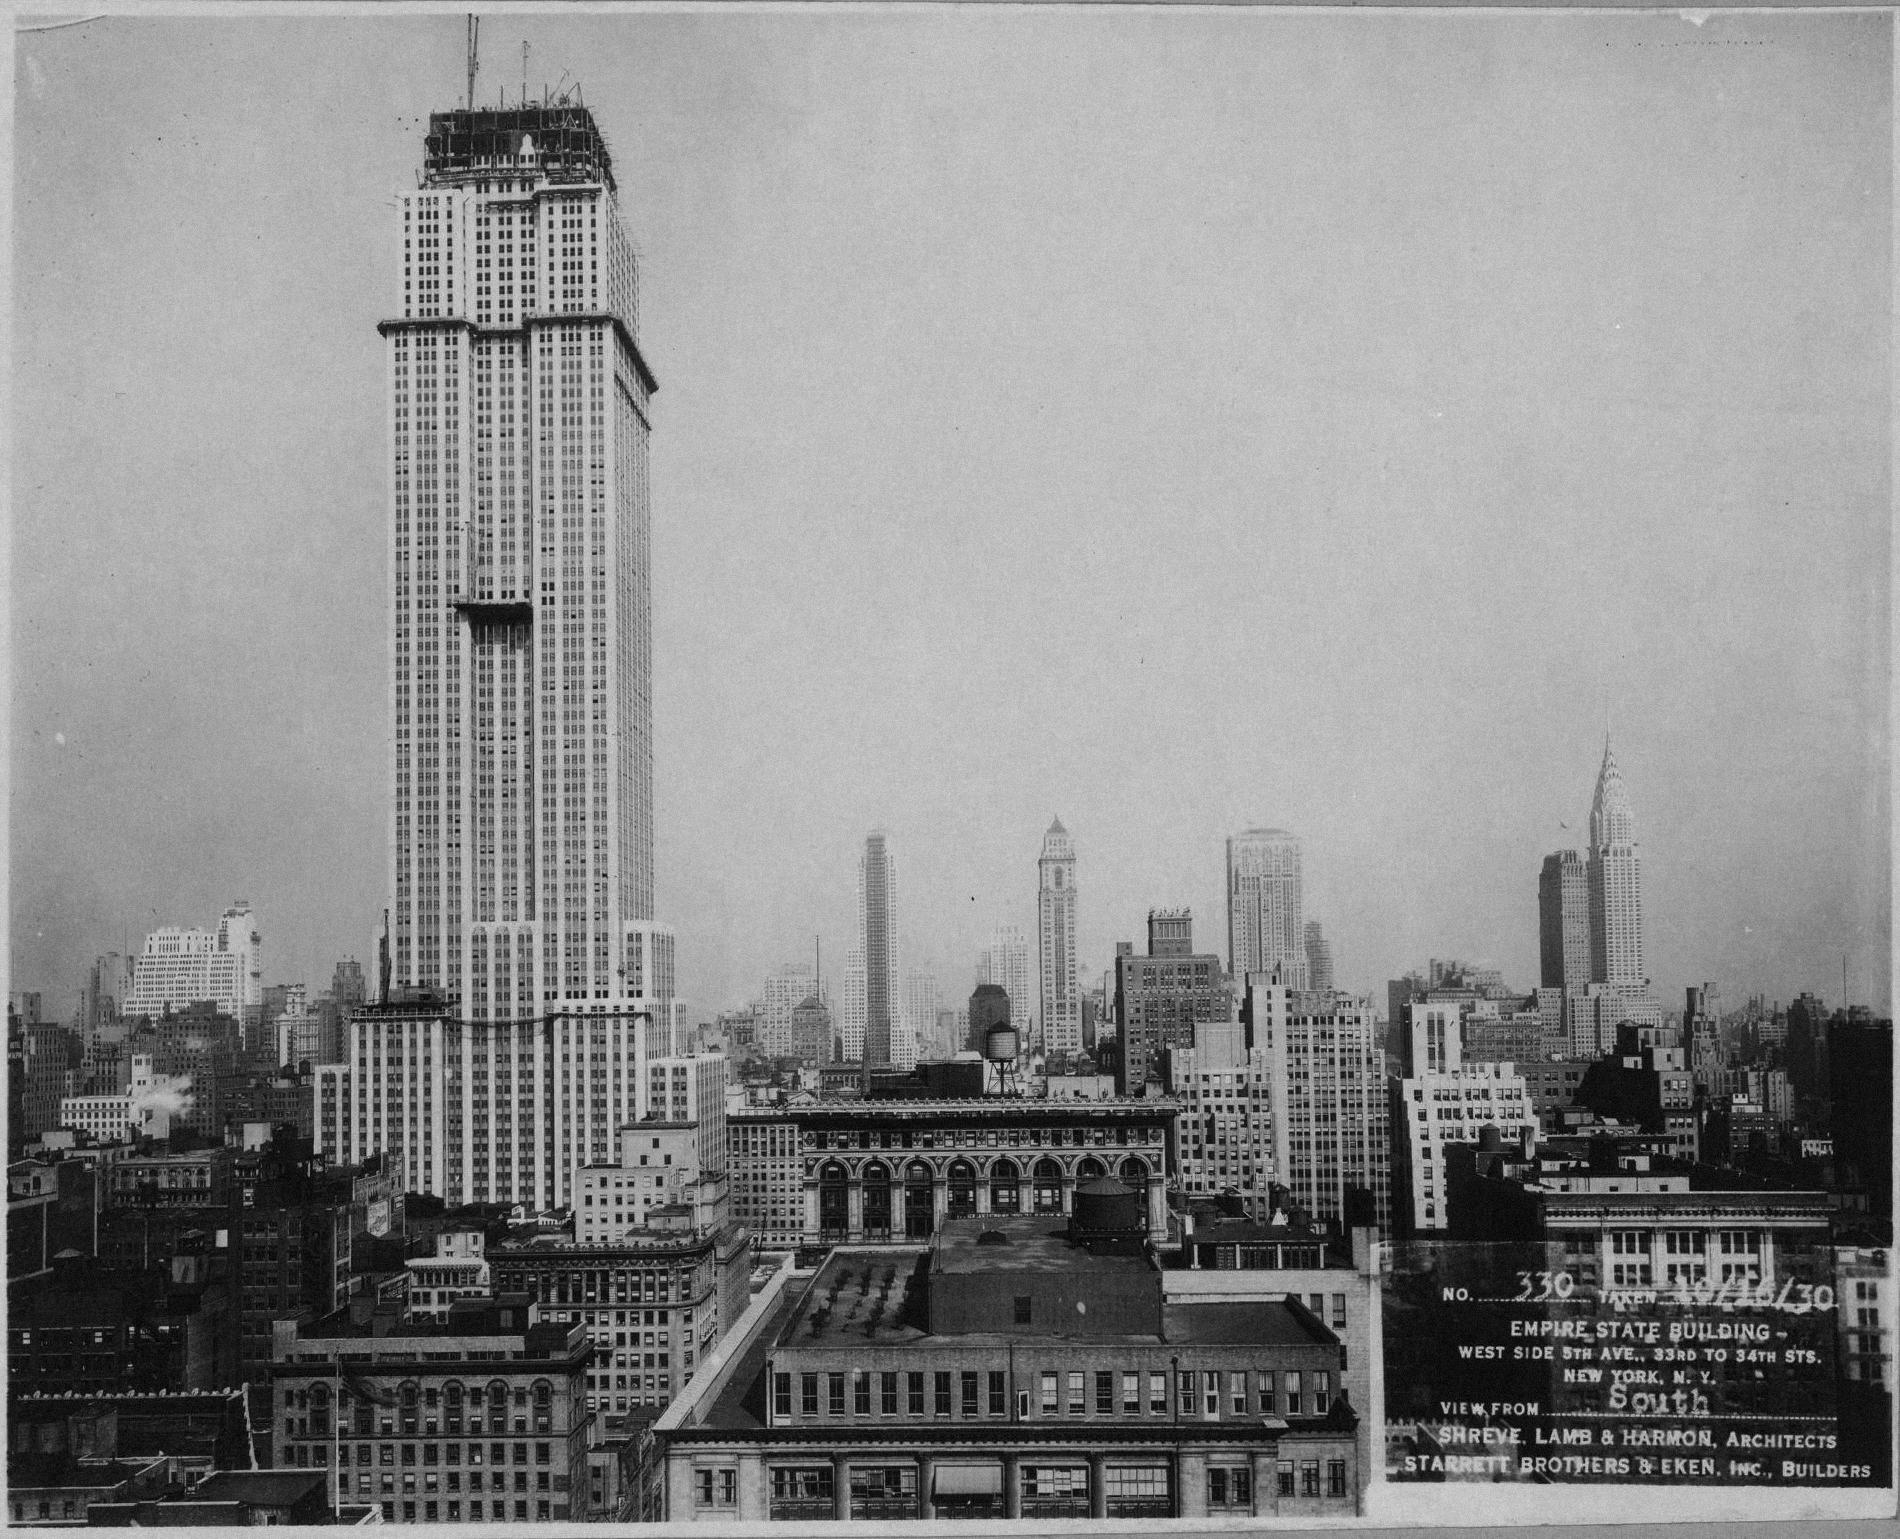 Empire state building historias de nueva york - Construction en rondins empiles ...